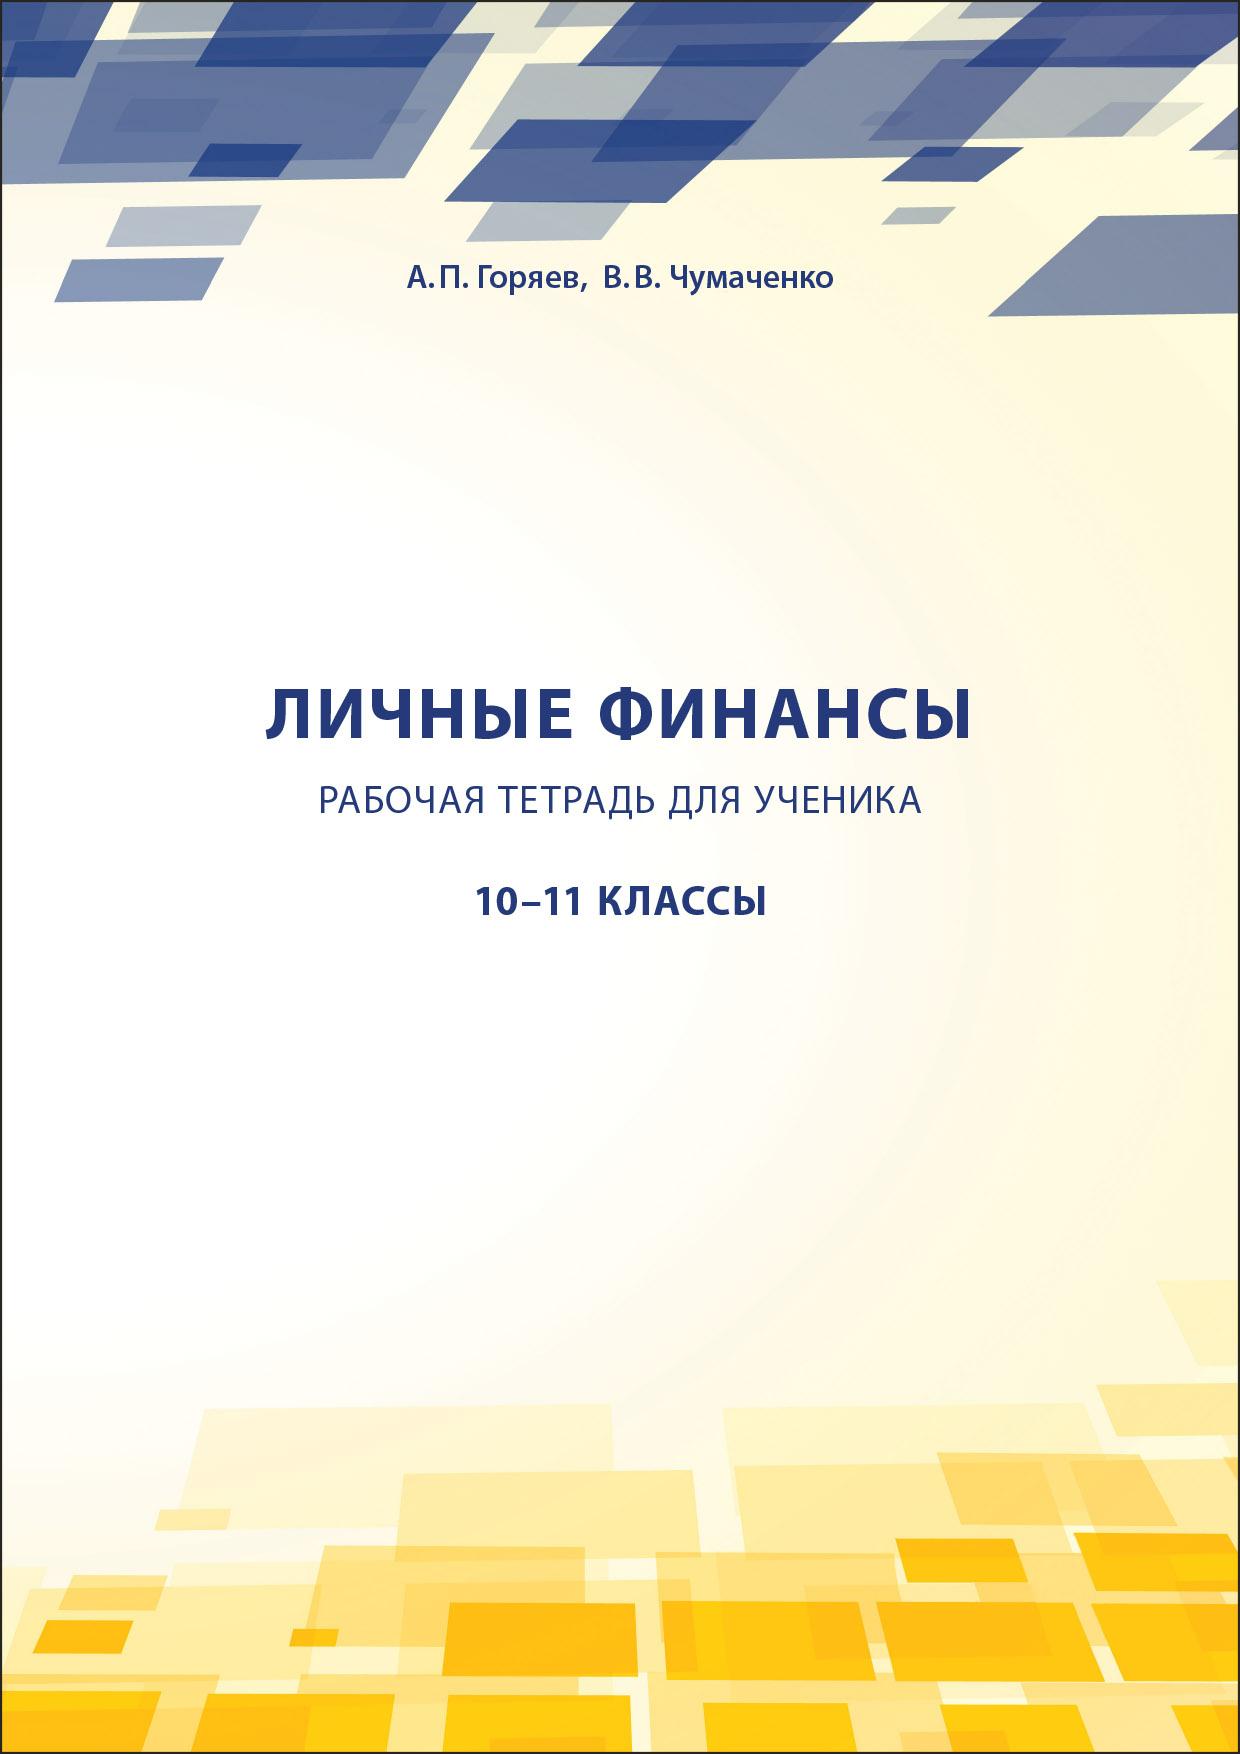 Личные финансы. Рабочая тетрадь для ученика. 10-11 классы Горяев Чумаченко